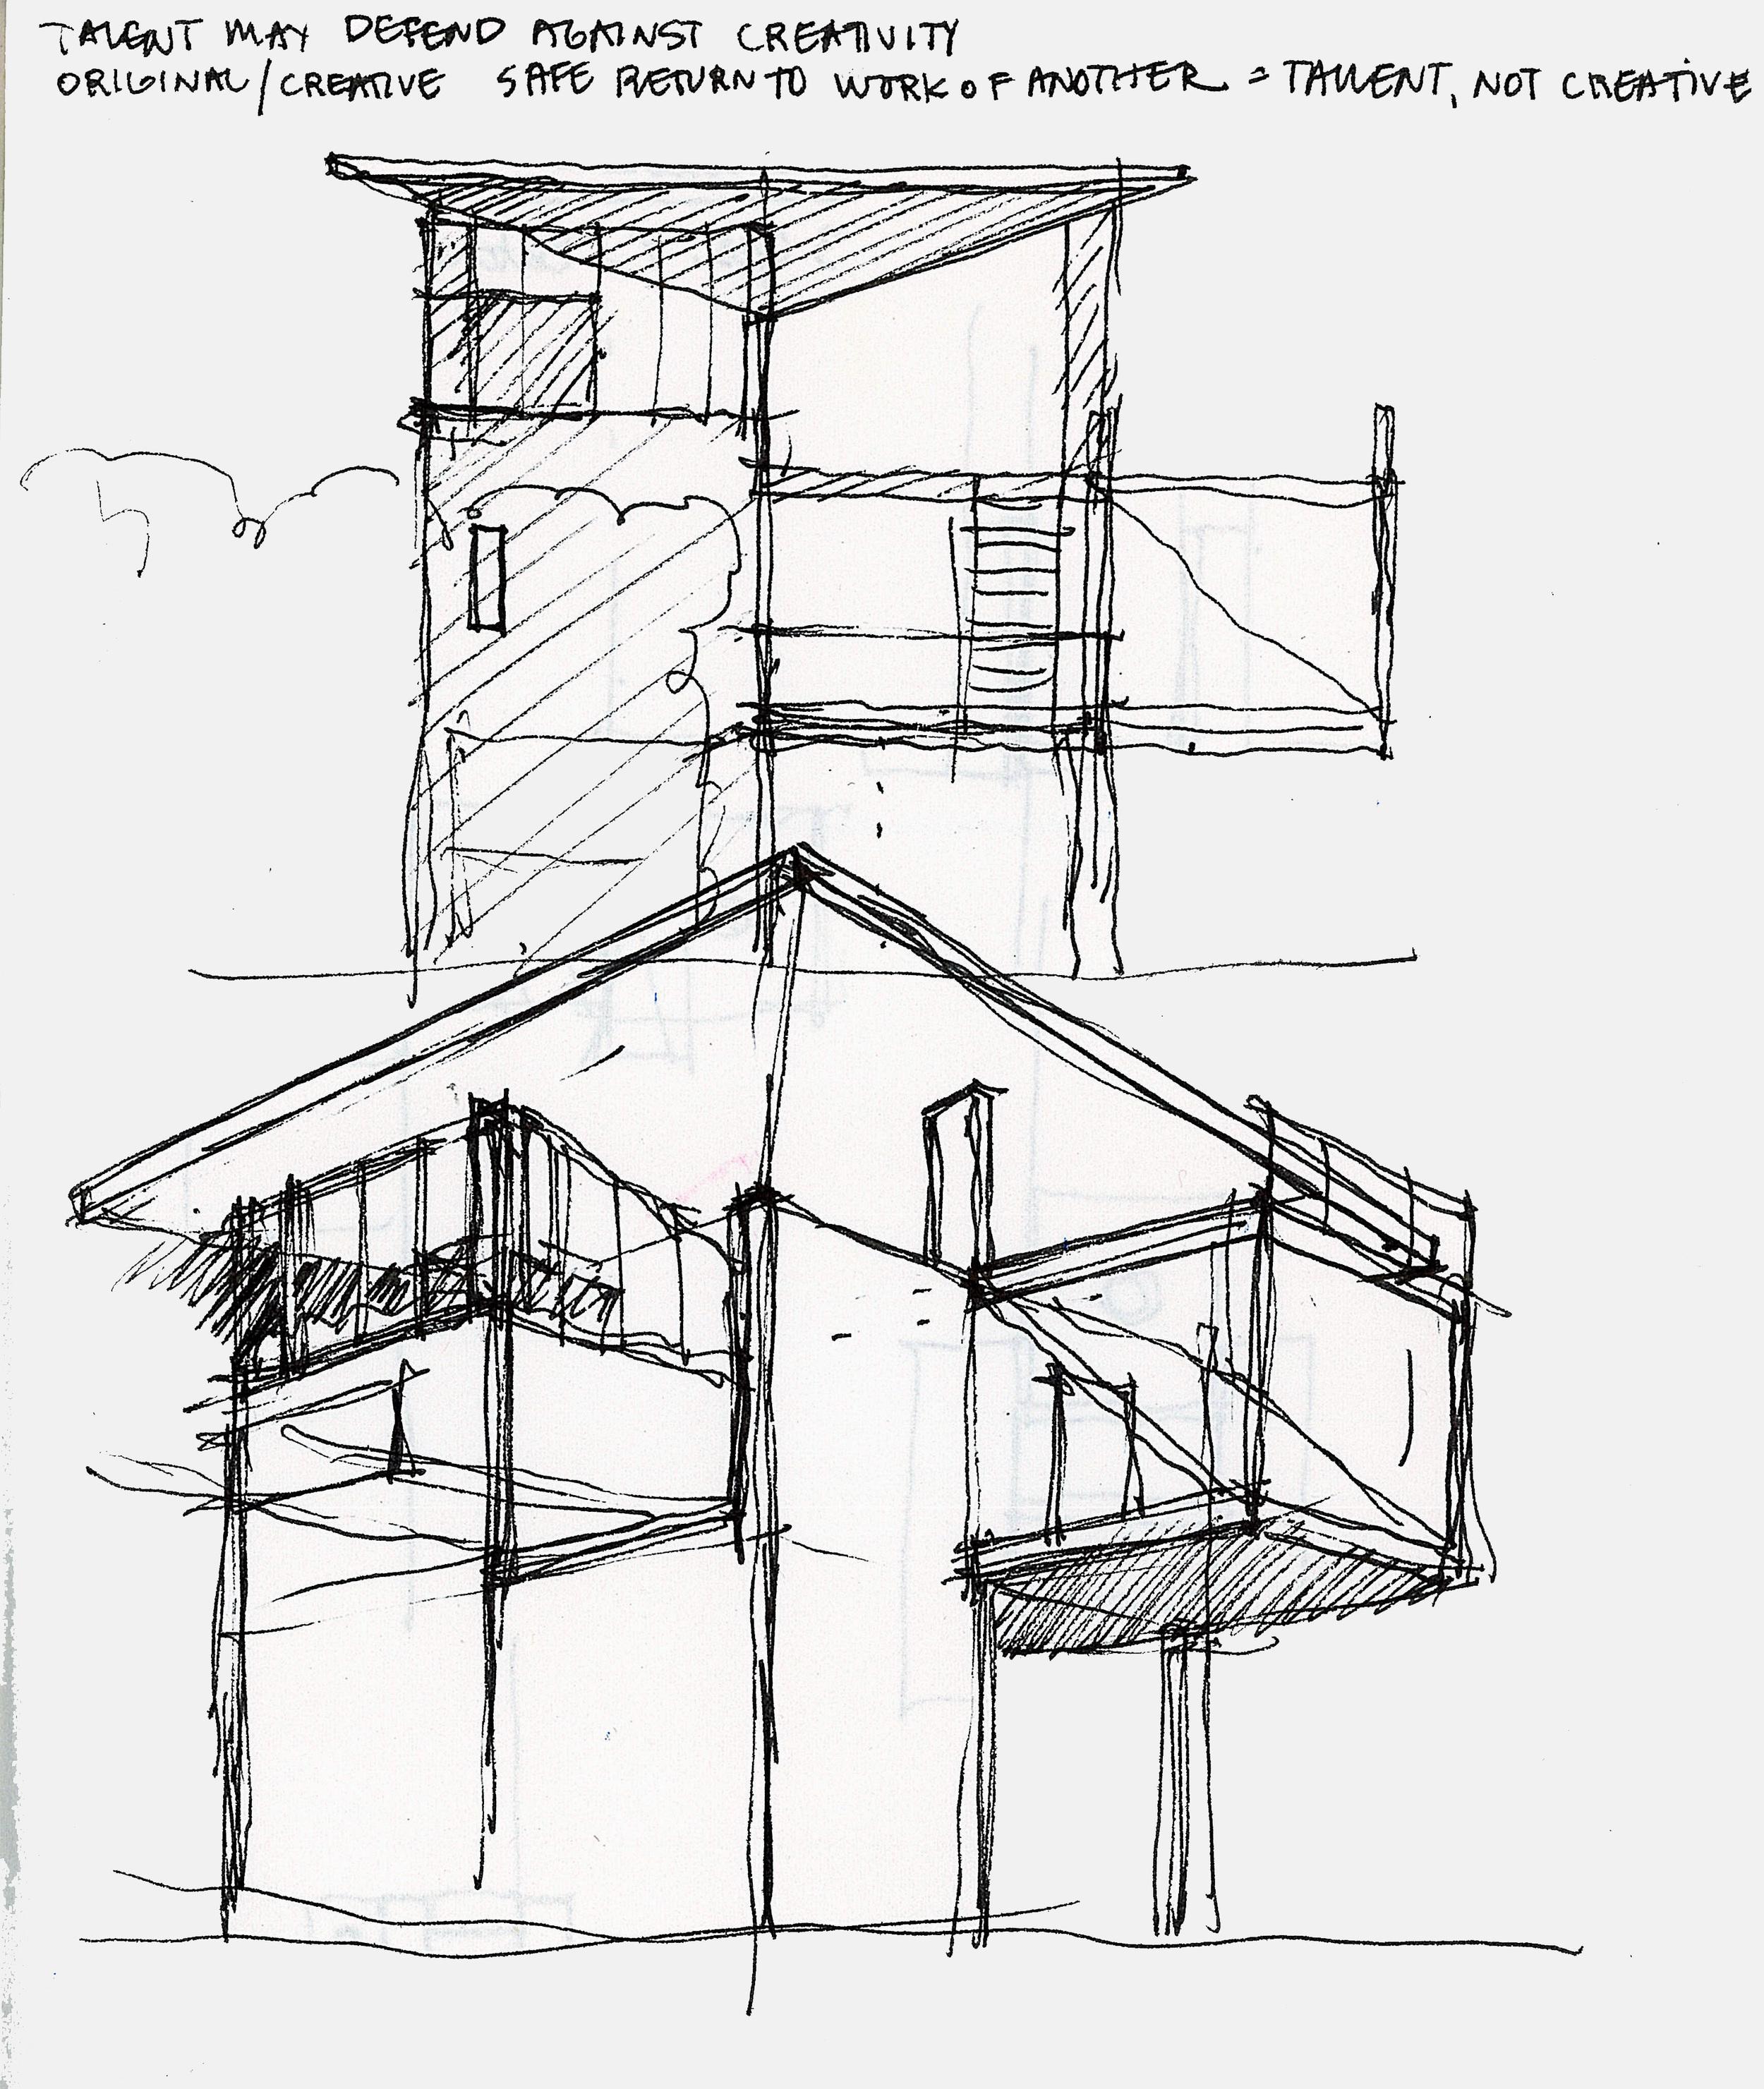 sketch edit 2_s2.jpg